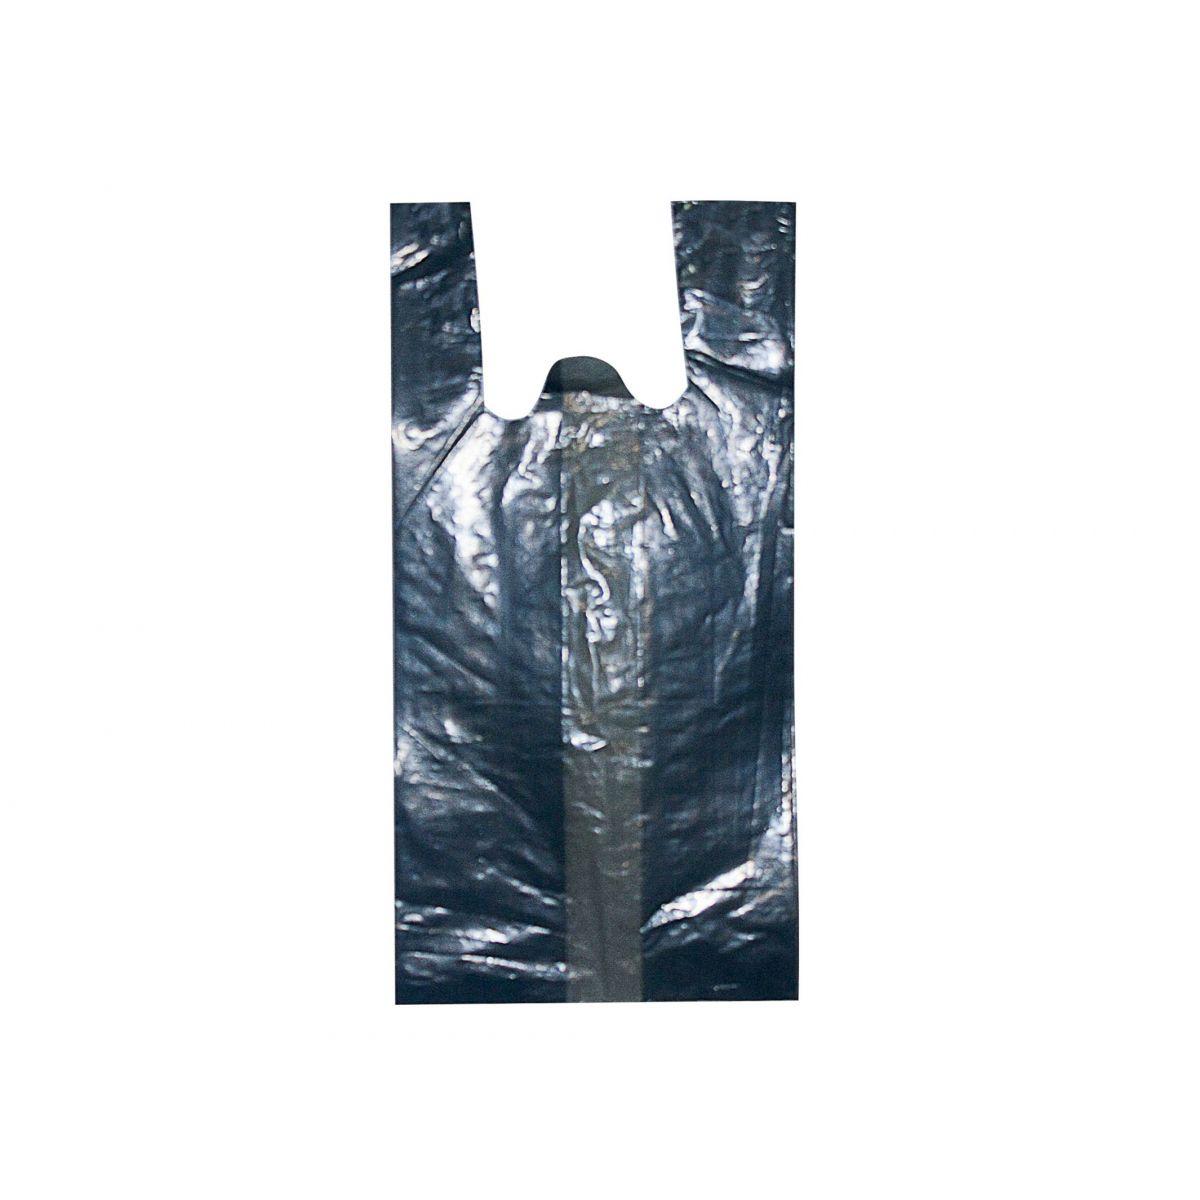 Sacola plástica Alça Camiseta - Preta Reciclada - 90x100cm - Pacote 54 unid (5 KG)